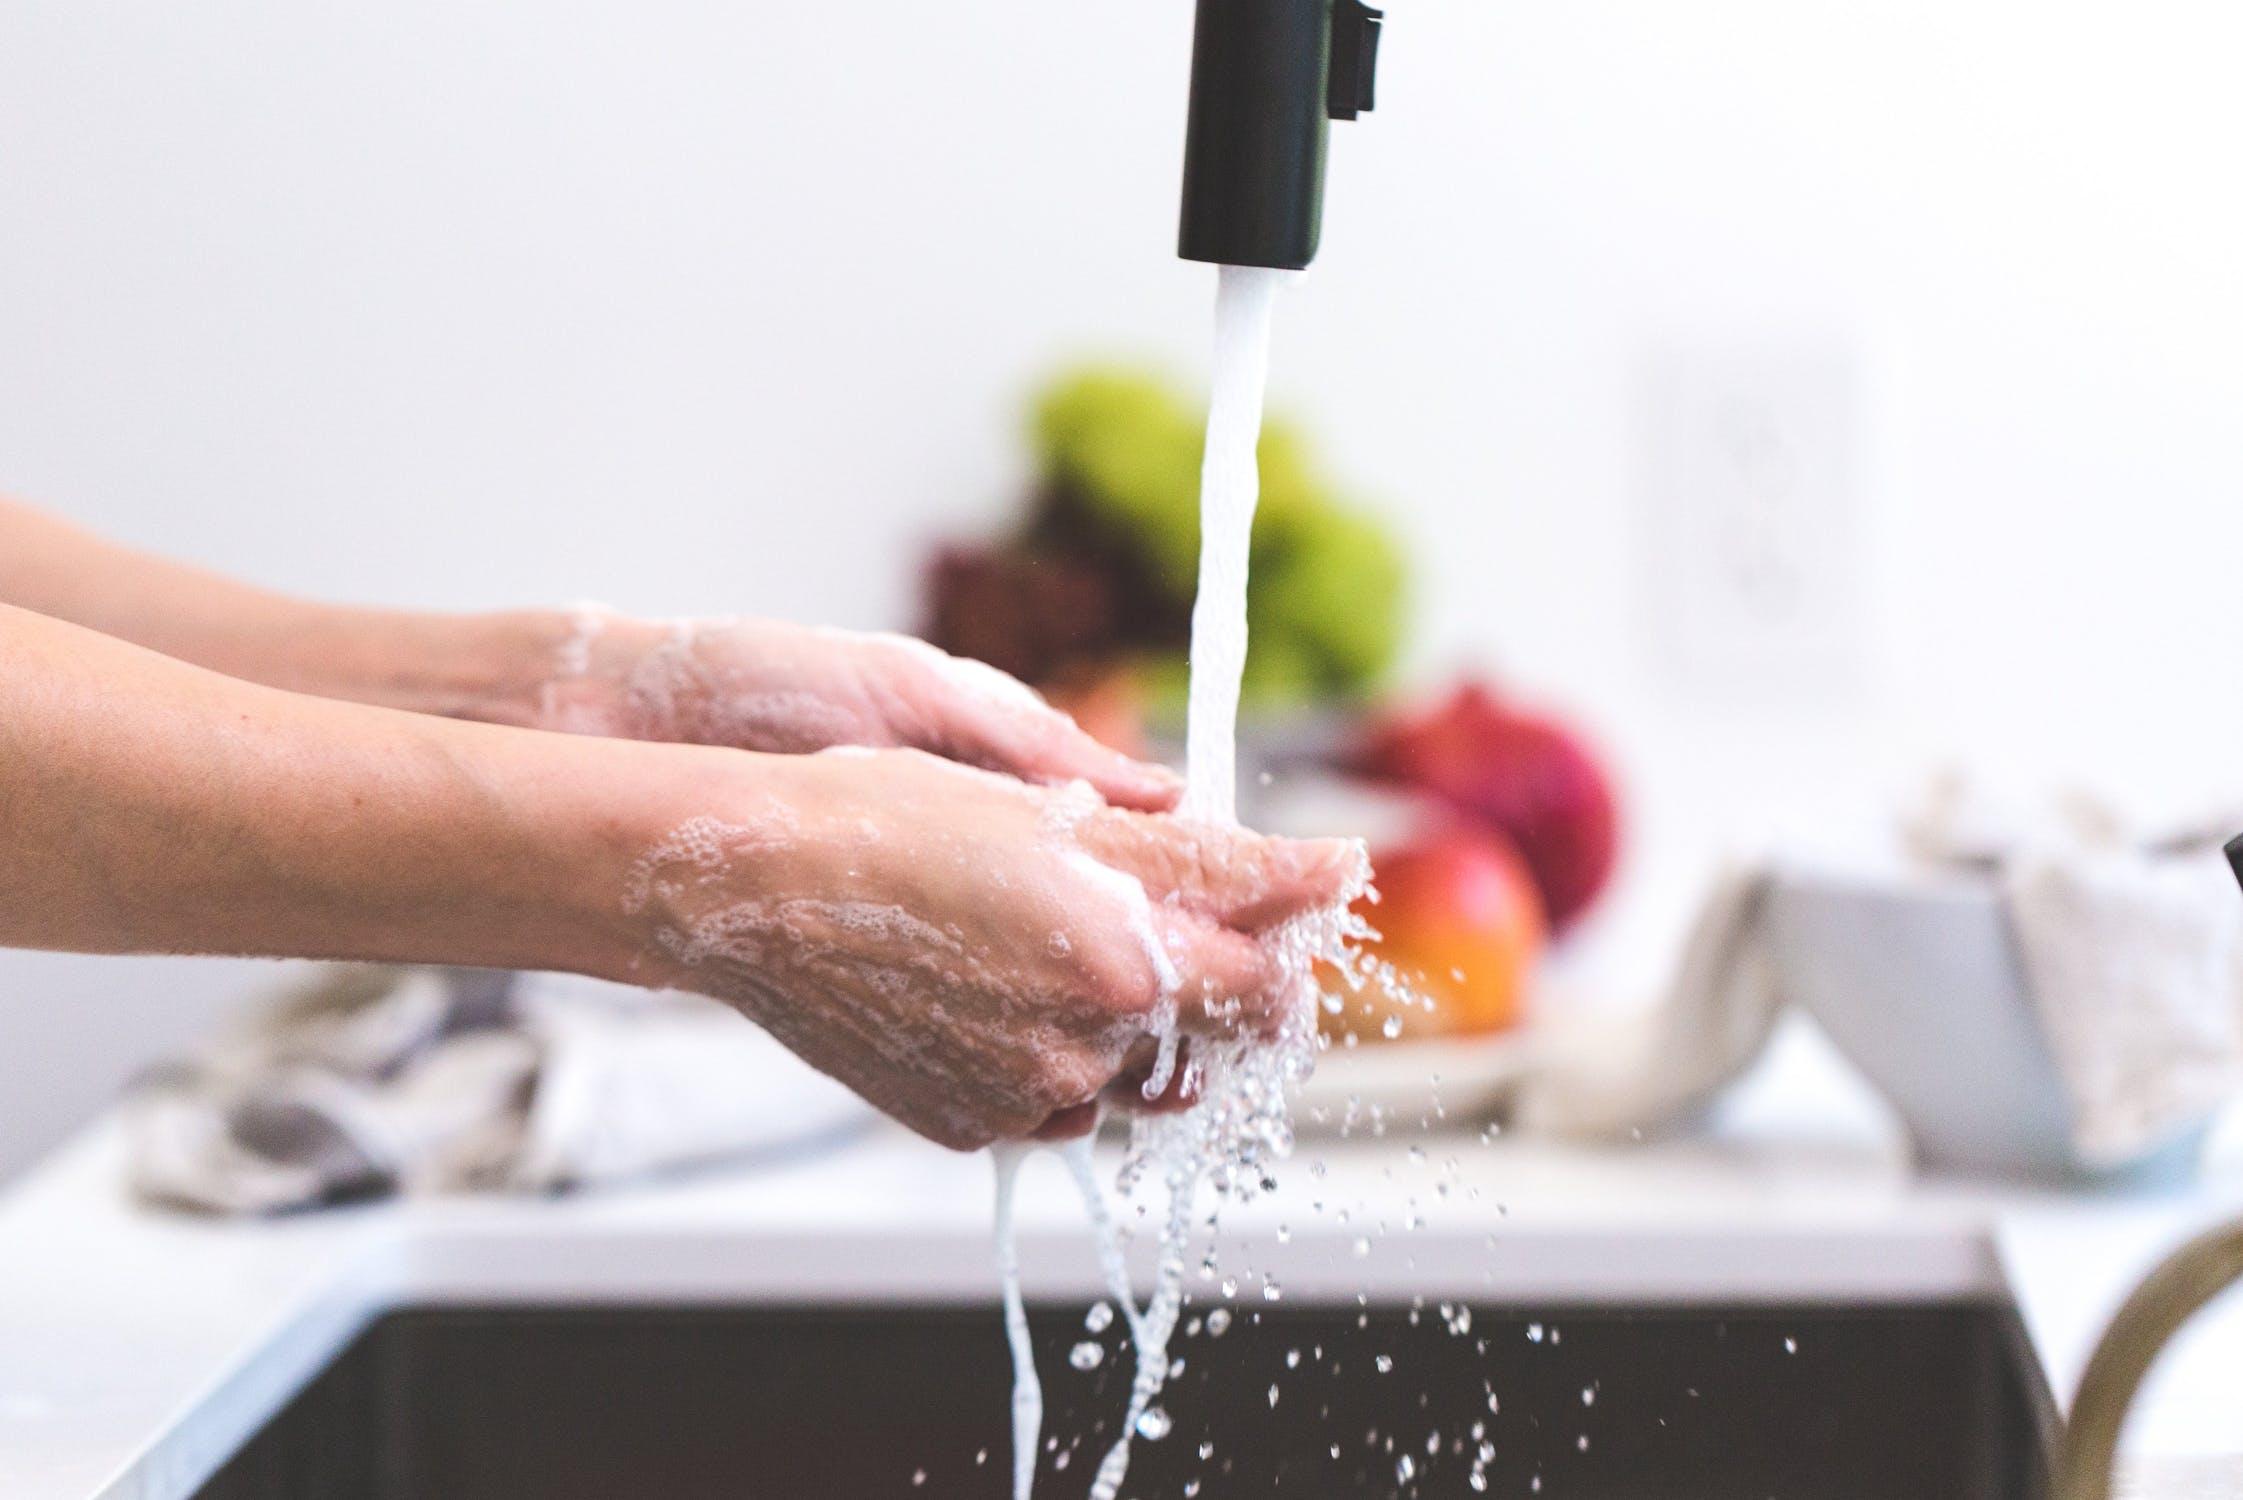 Comment réduire sa consommation d'eau ?